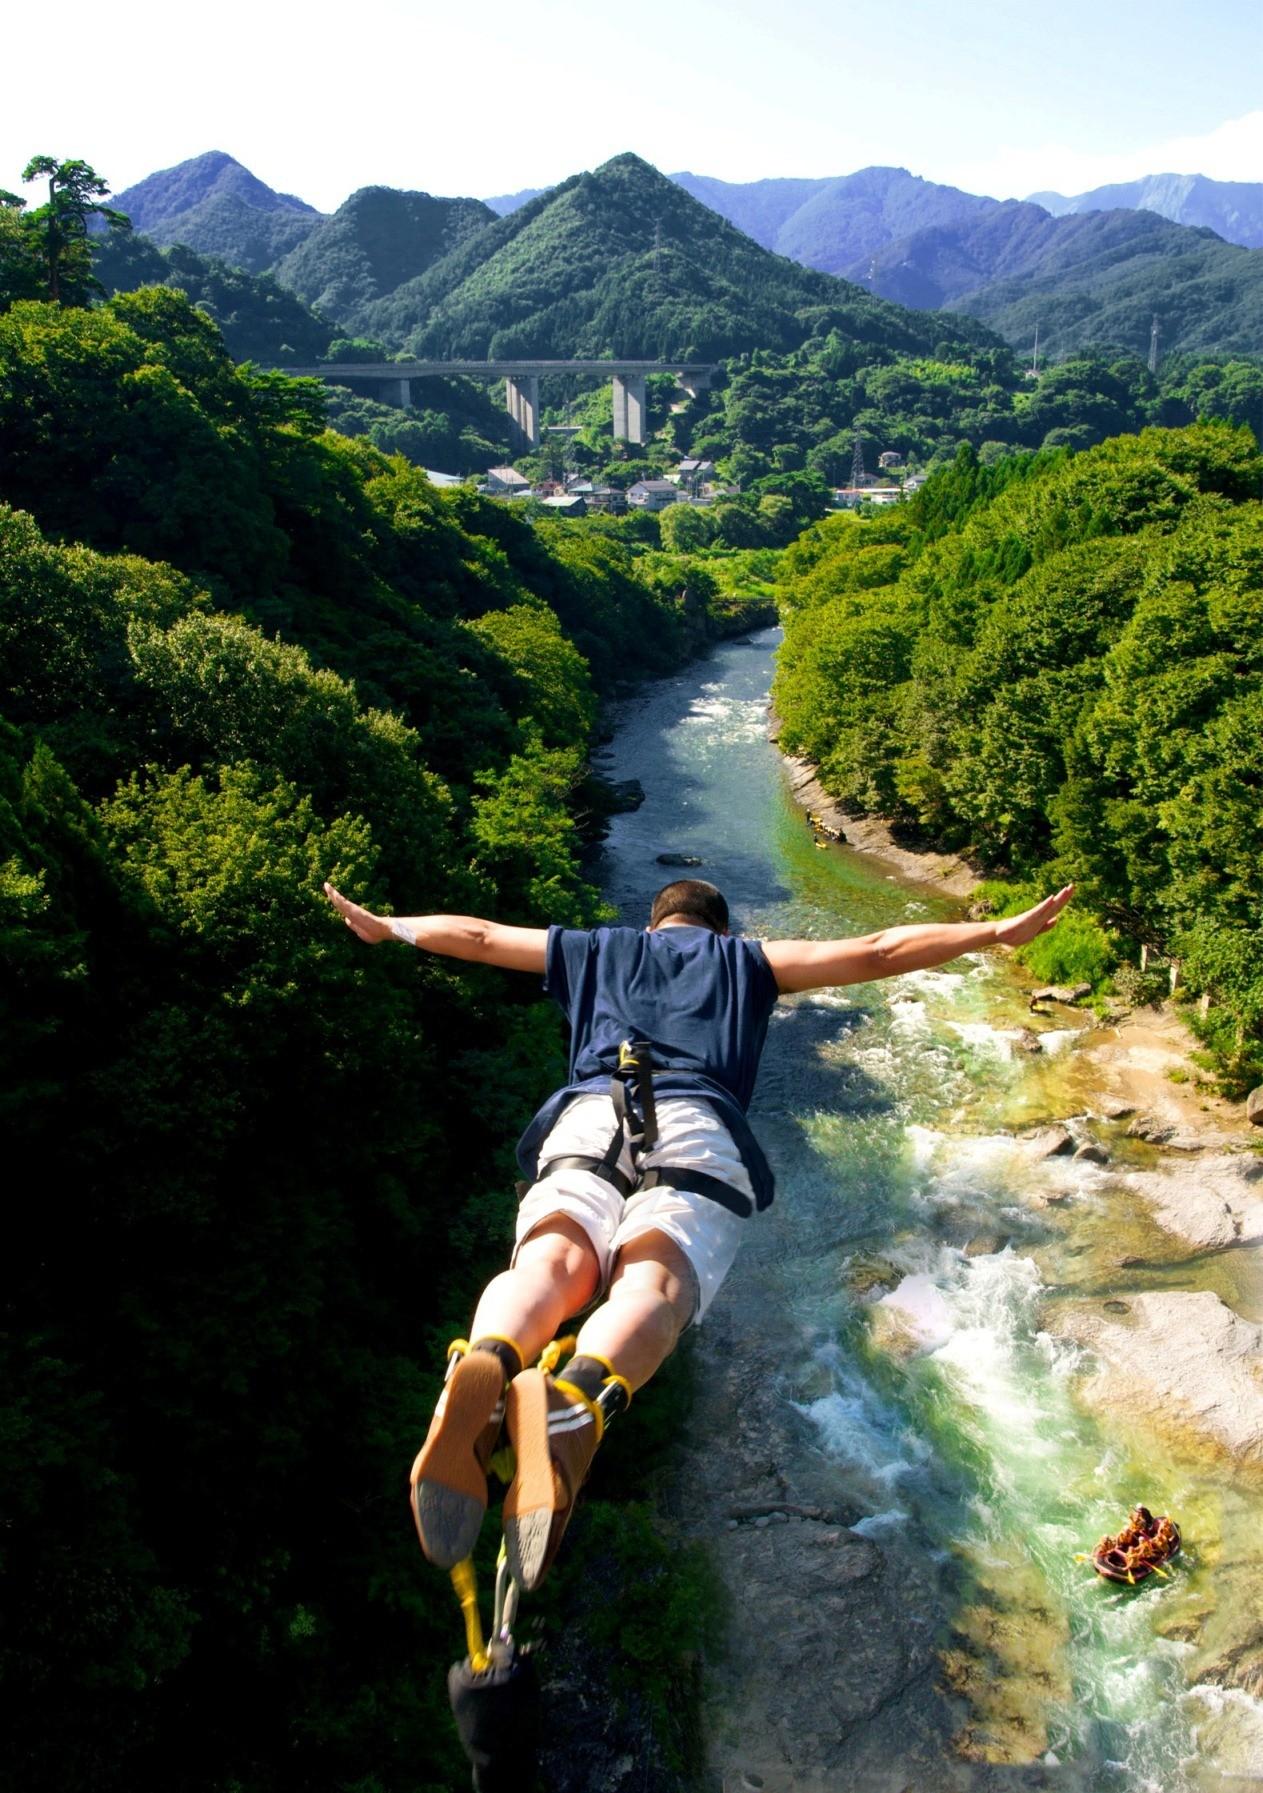 【群馬】全長6.5kmの絶景ハイキングコース諏訪峡で美味しい空気を吸い込もう!